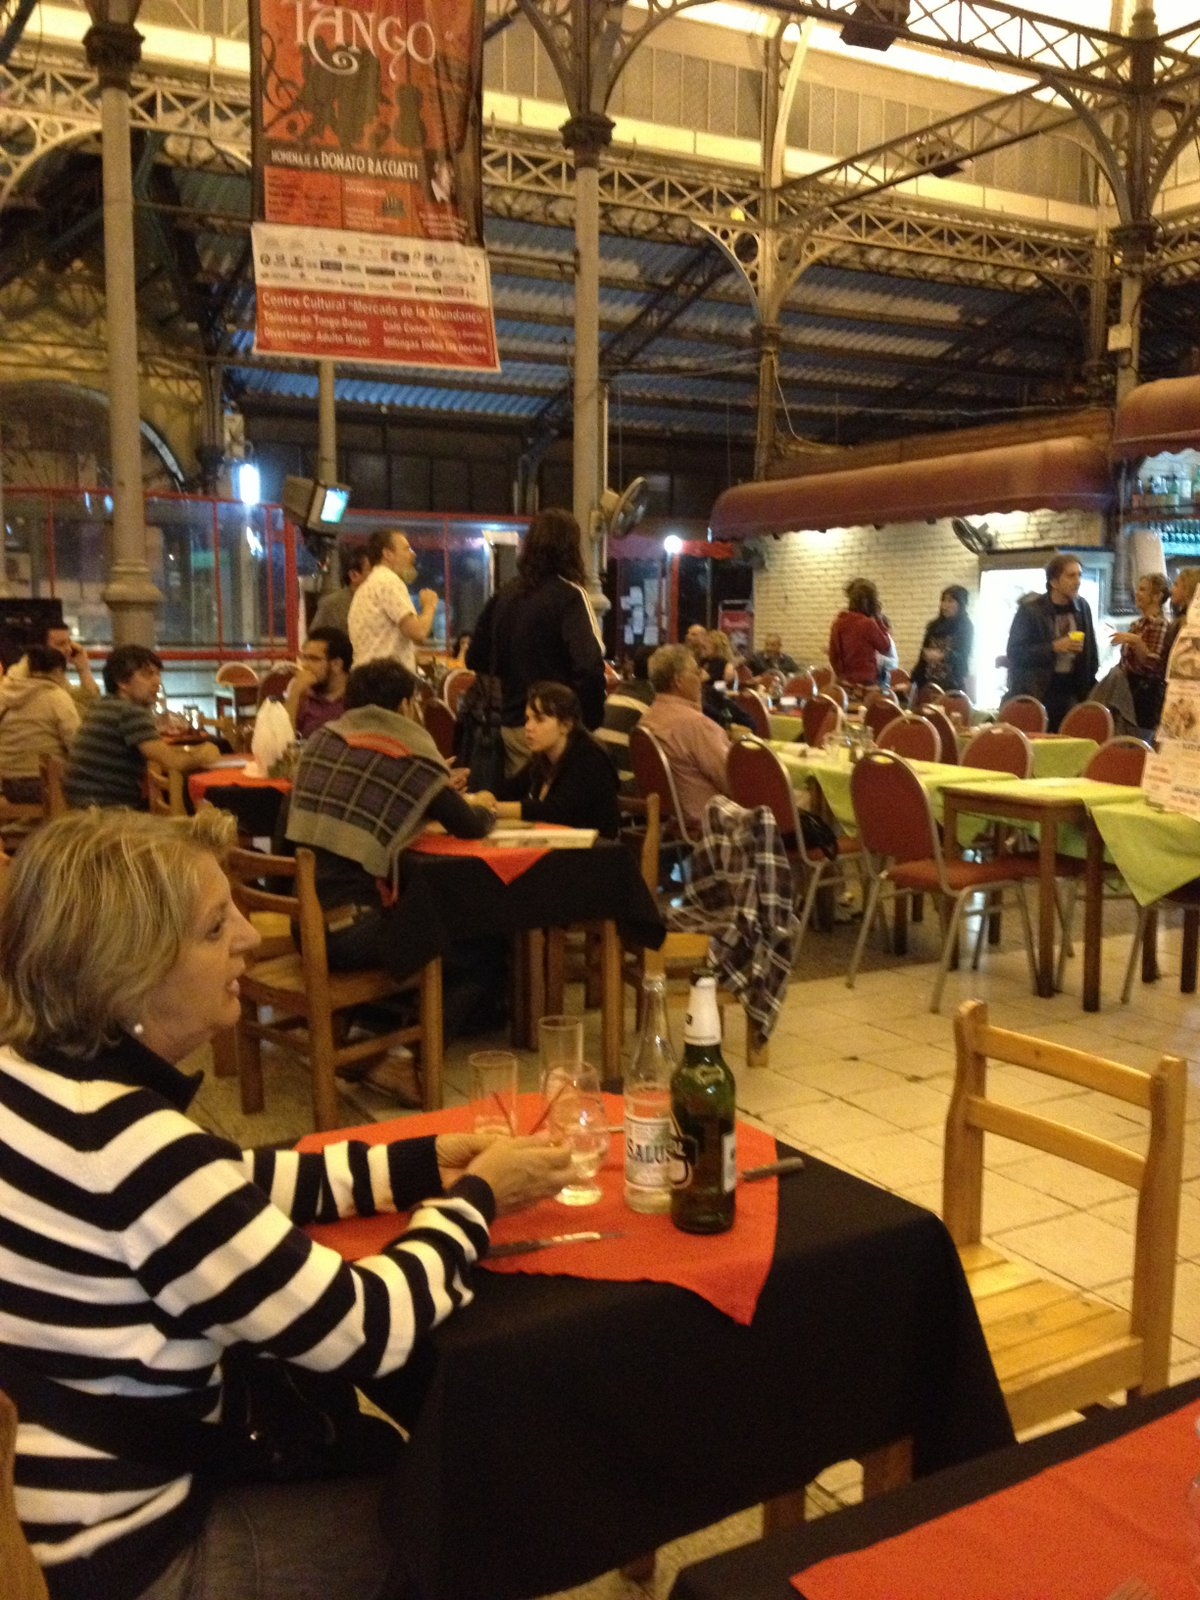 20130322 21'13 05 Mercado de la Abundancia